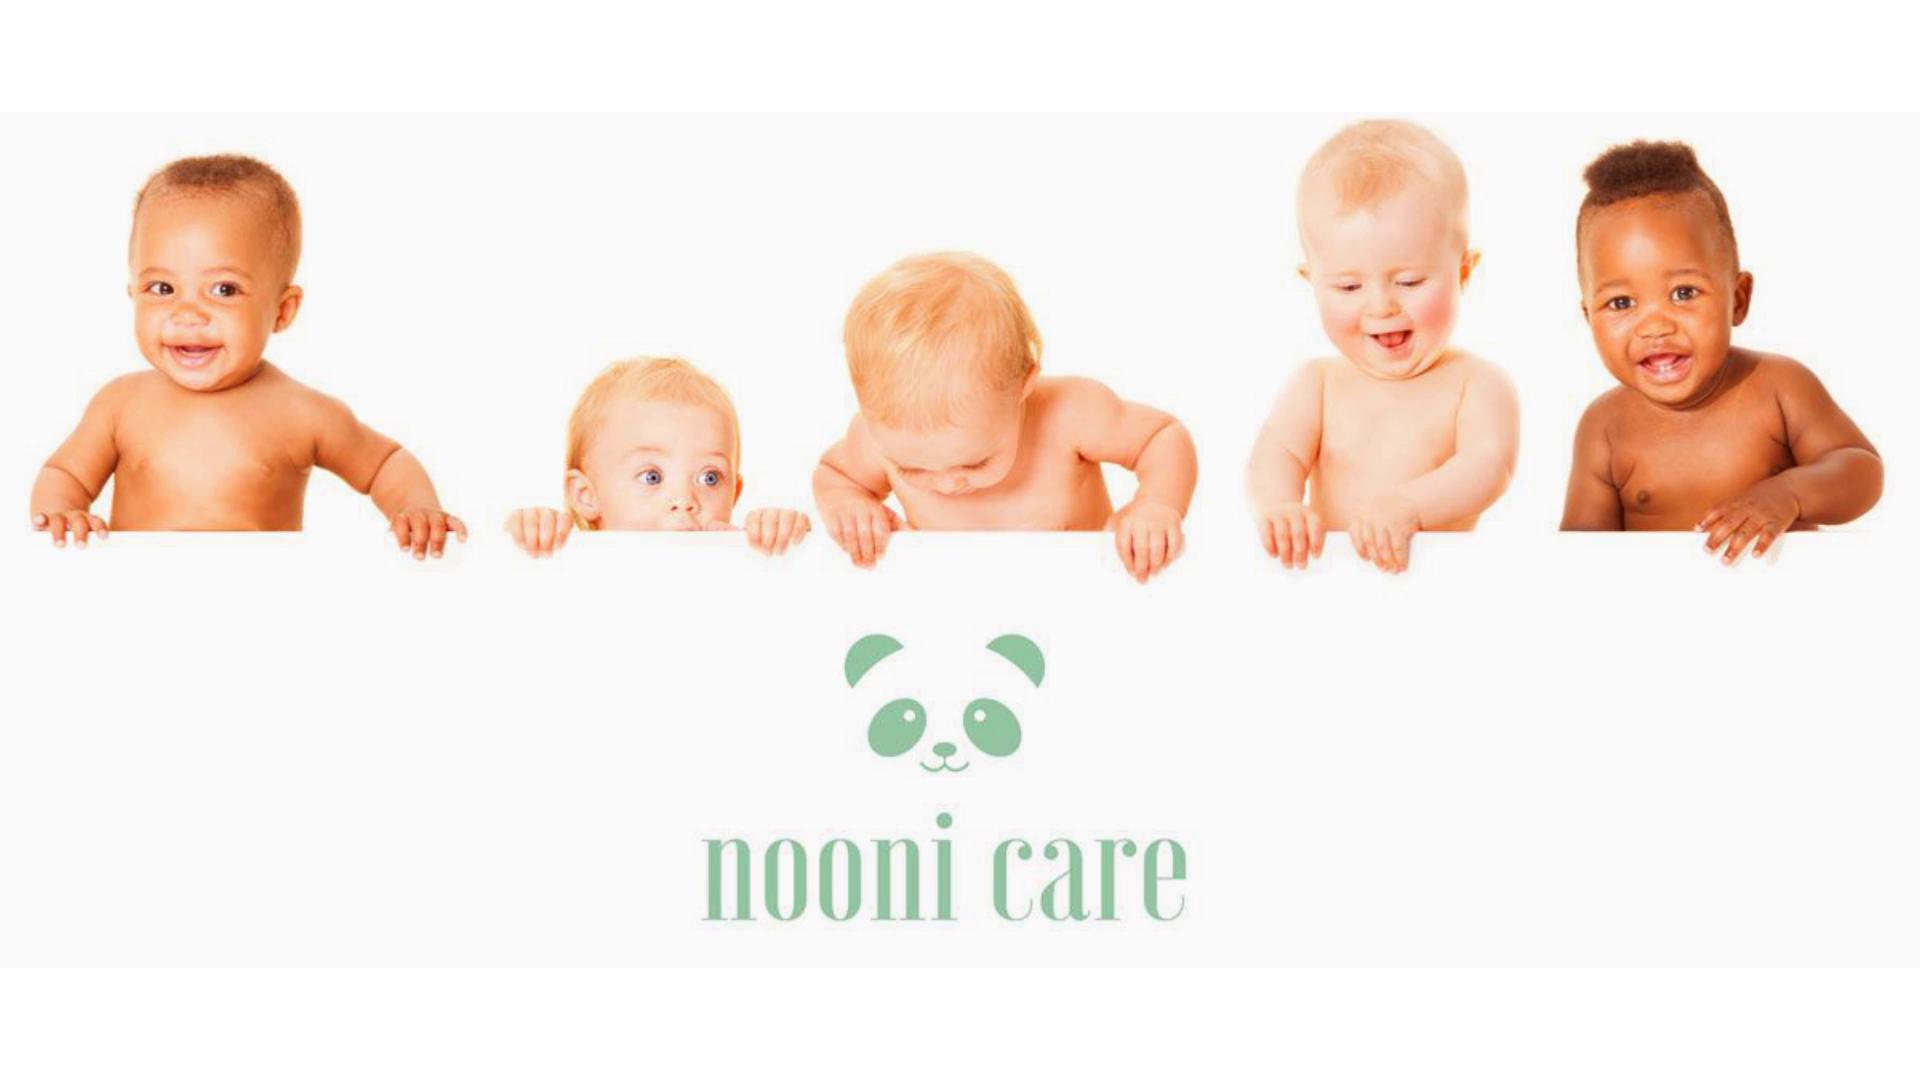 Platos de Silicona Alimentaria de Calidad para Beb/é y Nino Nooni Care Mantel Individual para Ninos y Plato Adherente con Secciones